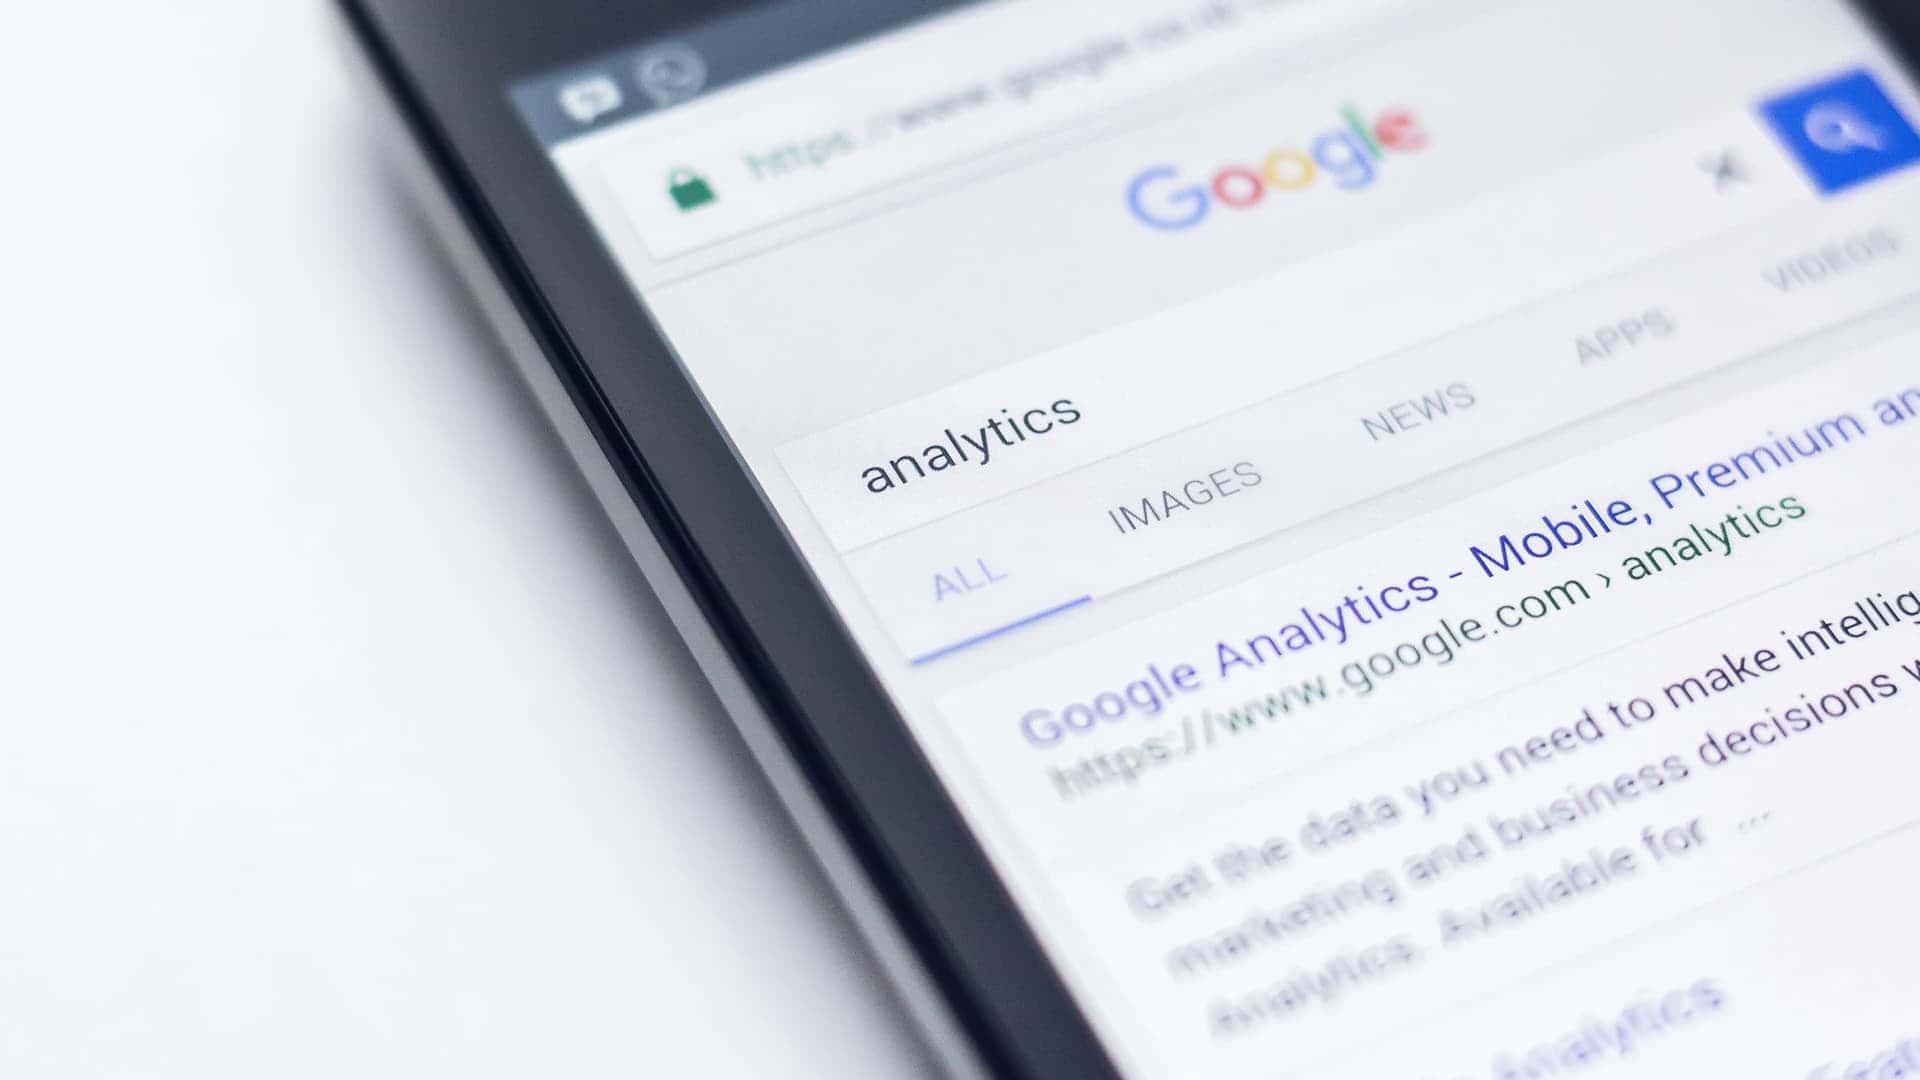 Schermo del telefono su prima pagina di Google